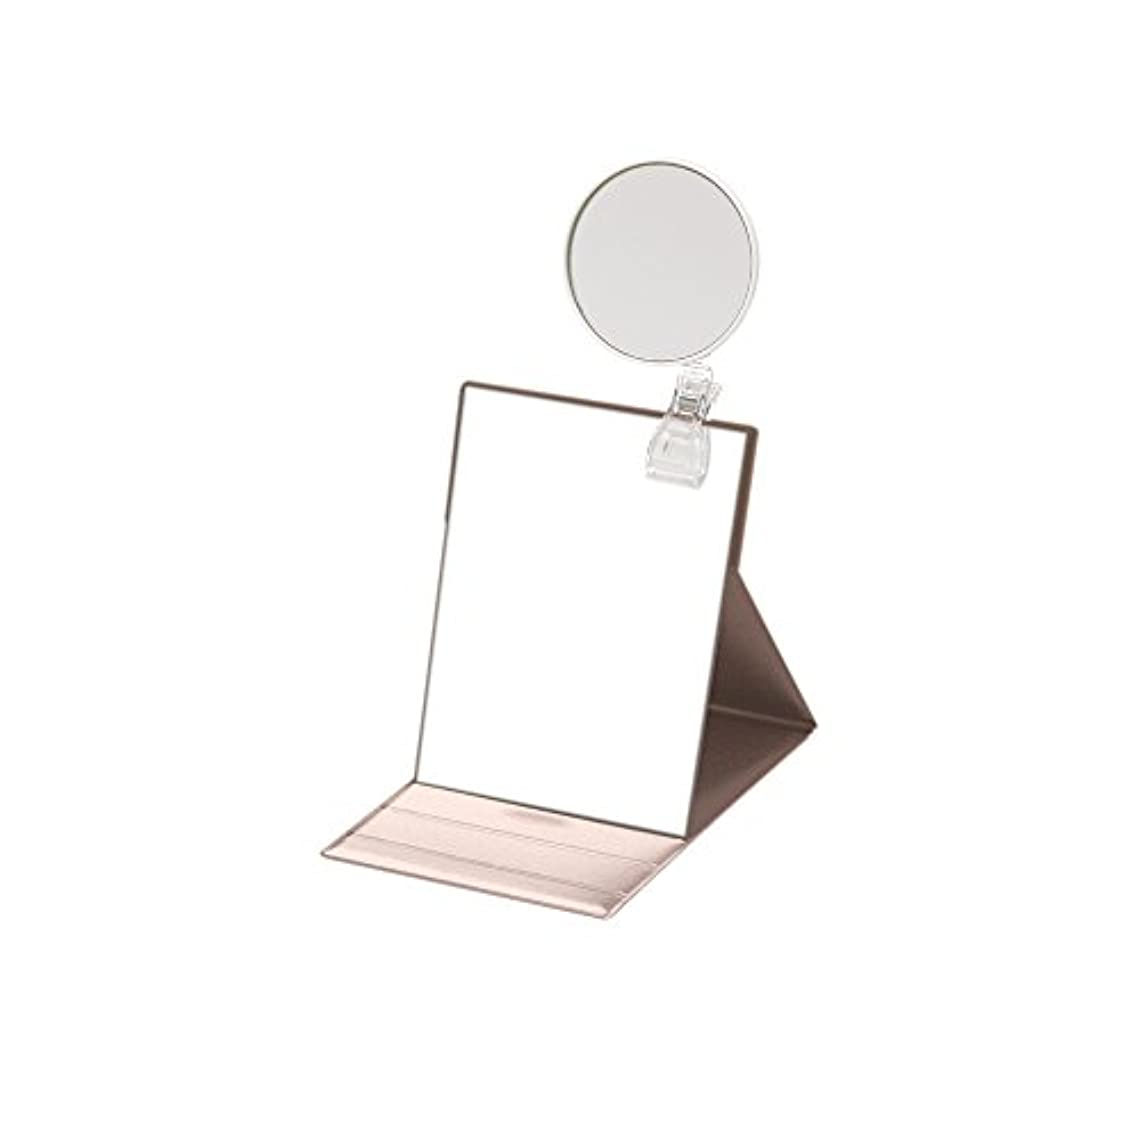 集計に対応する研究所ナピュアミラー 5倍拡大鏡付きプロモデル折立ナピュアミラーM ピンクゴールド HP-34×5